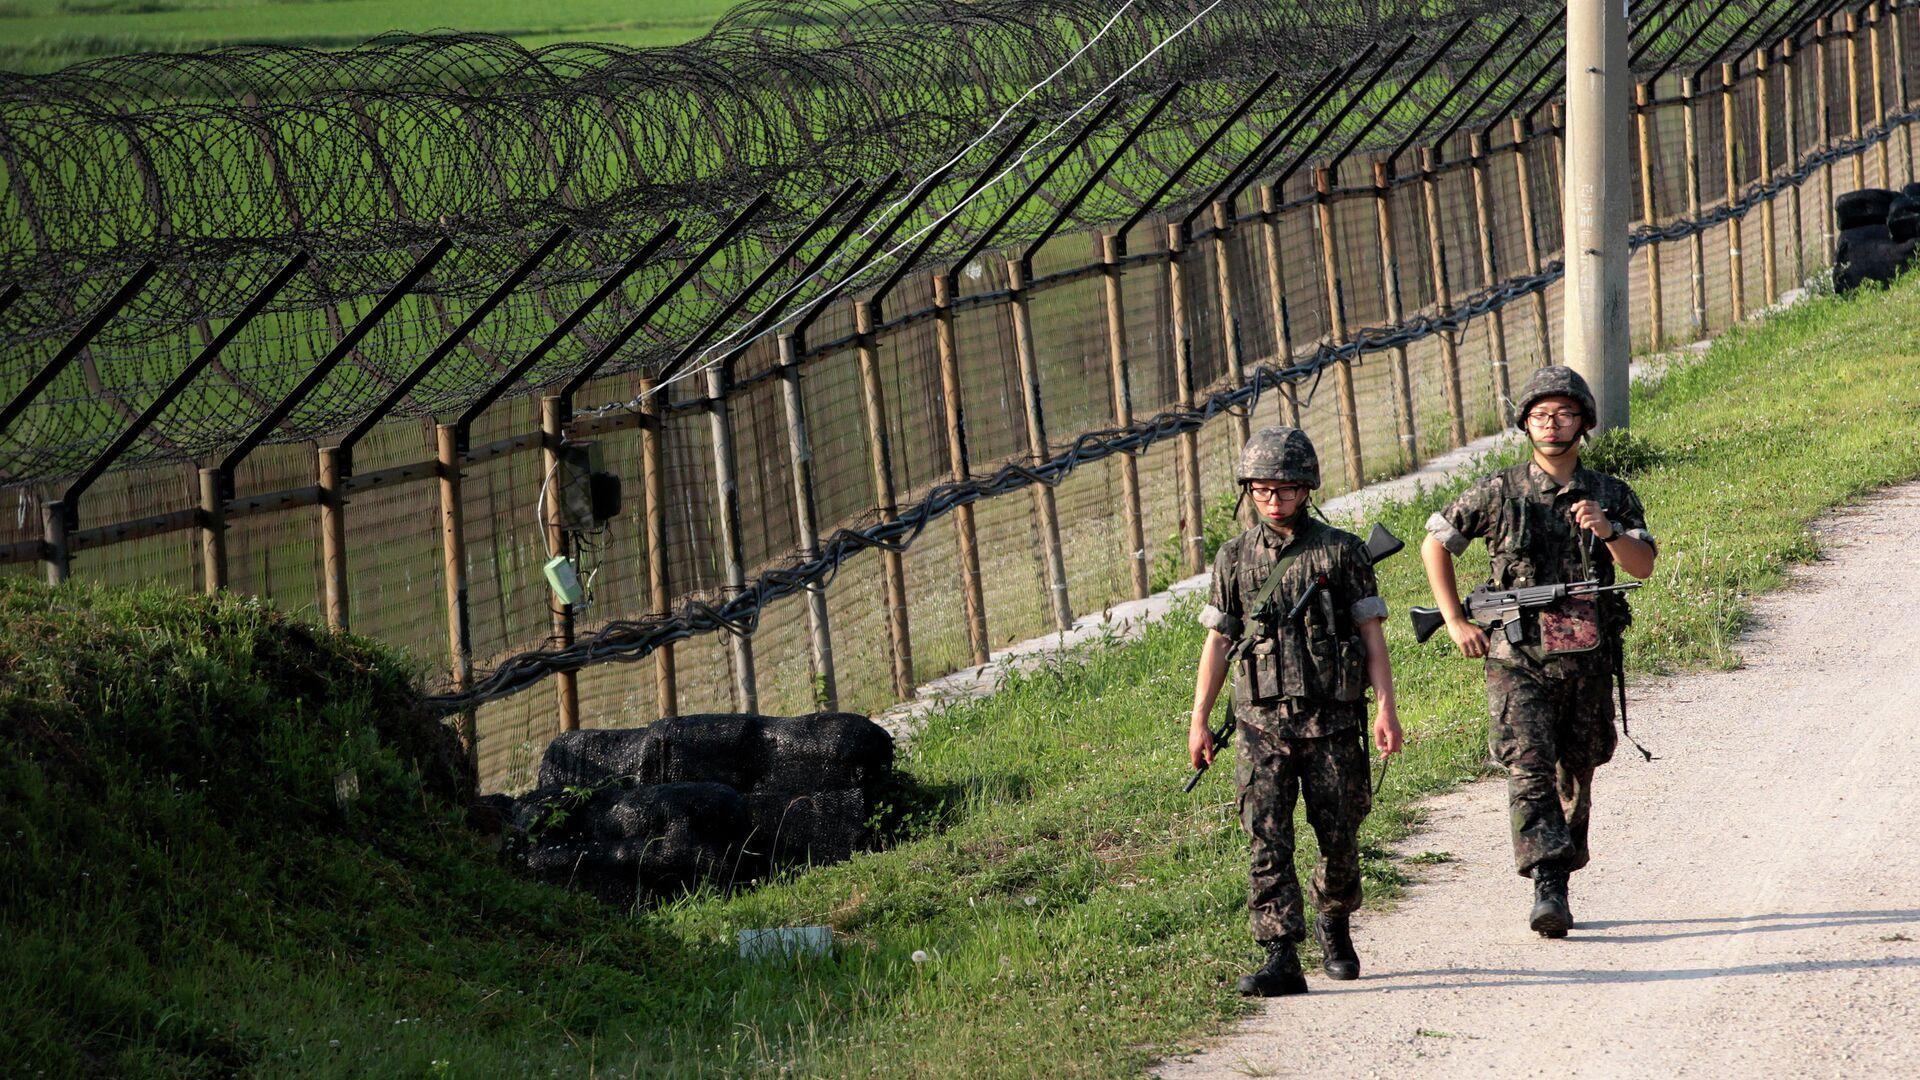 Южнокорейские военные несут службу возле границы с КНДР - РИА Новости, 1920, 06.05.2021